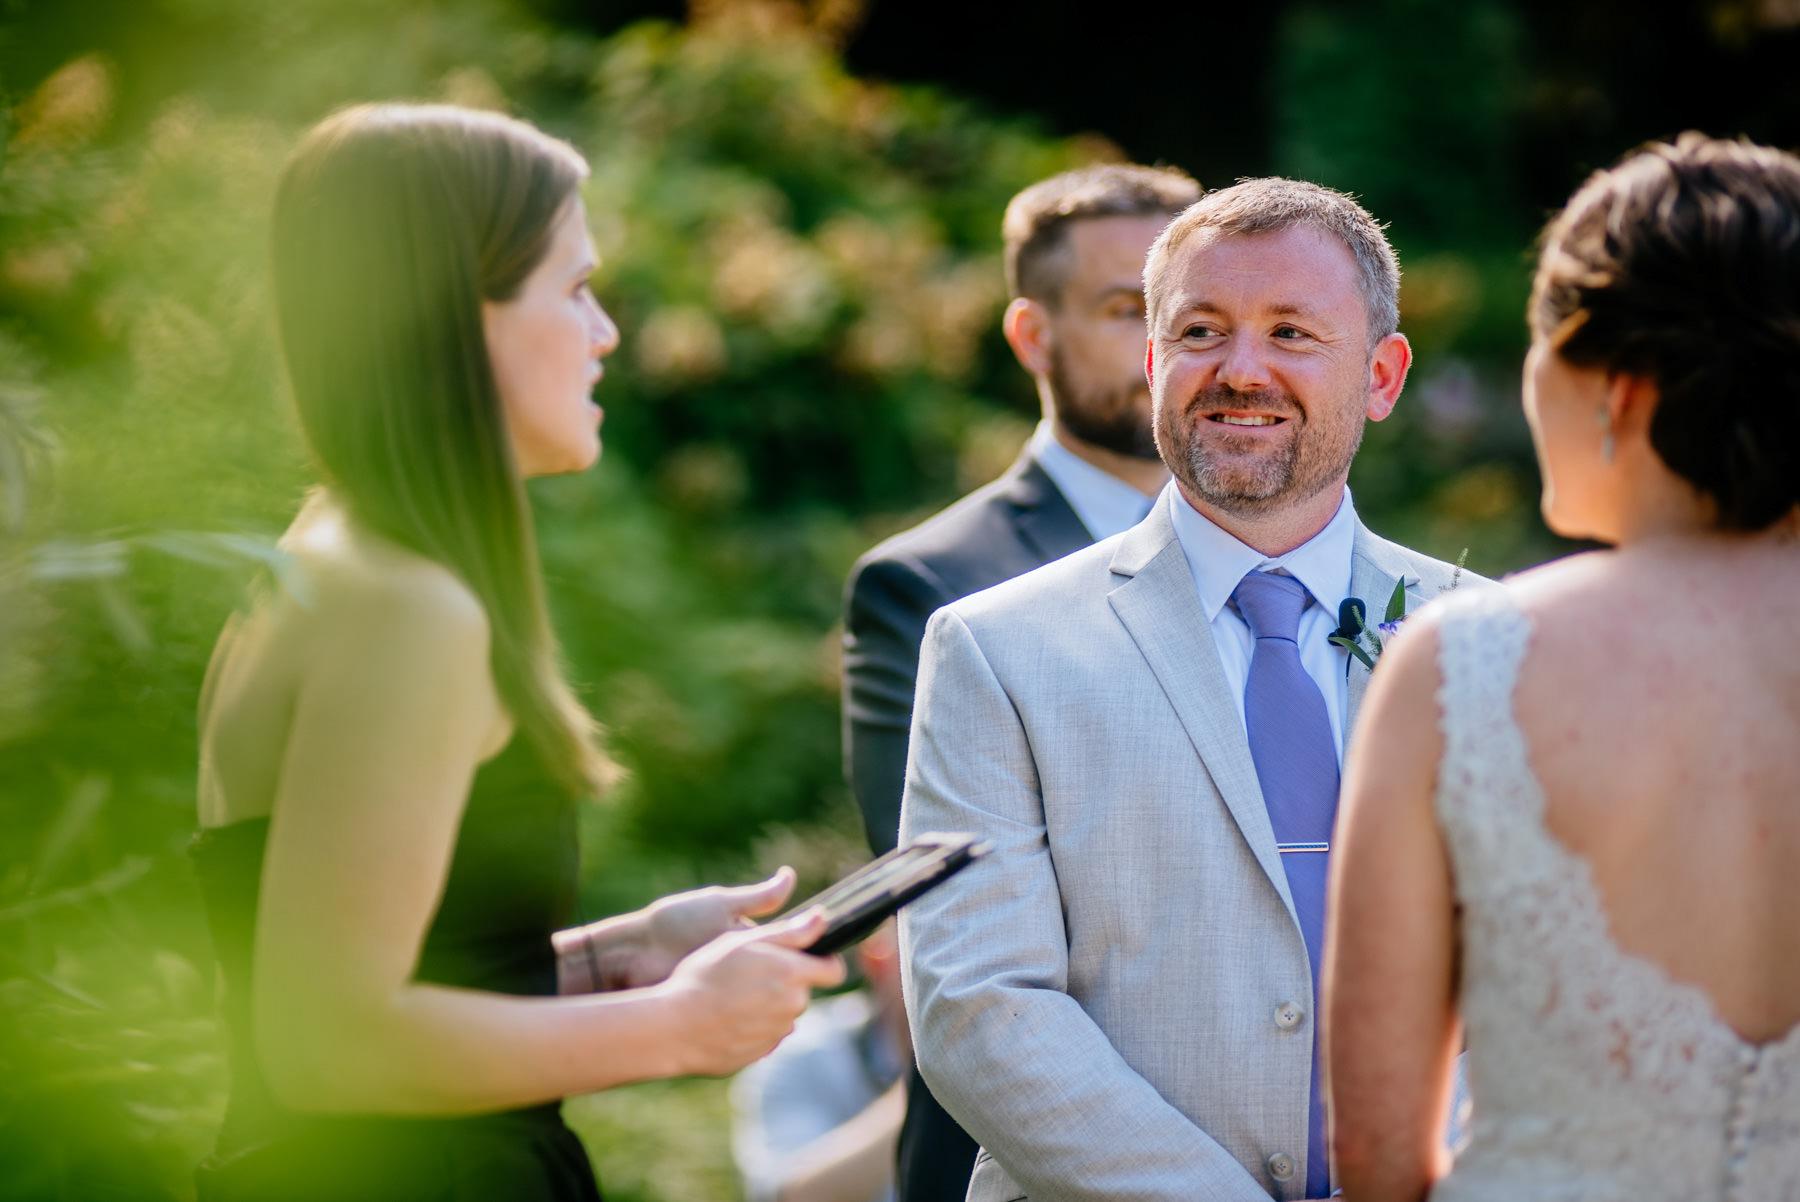 airlie wedding warrenton va